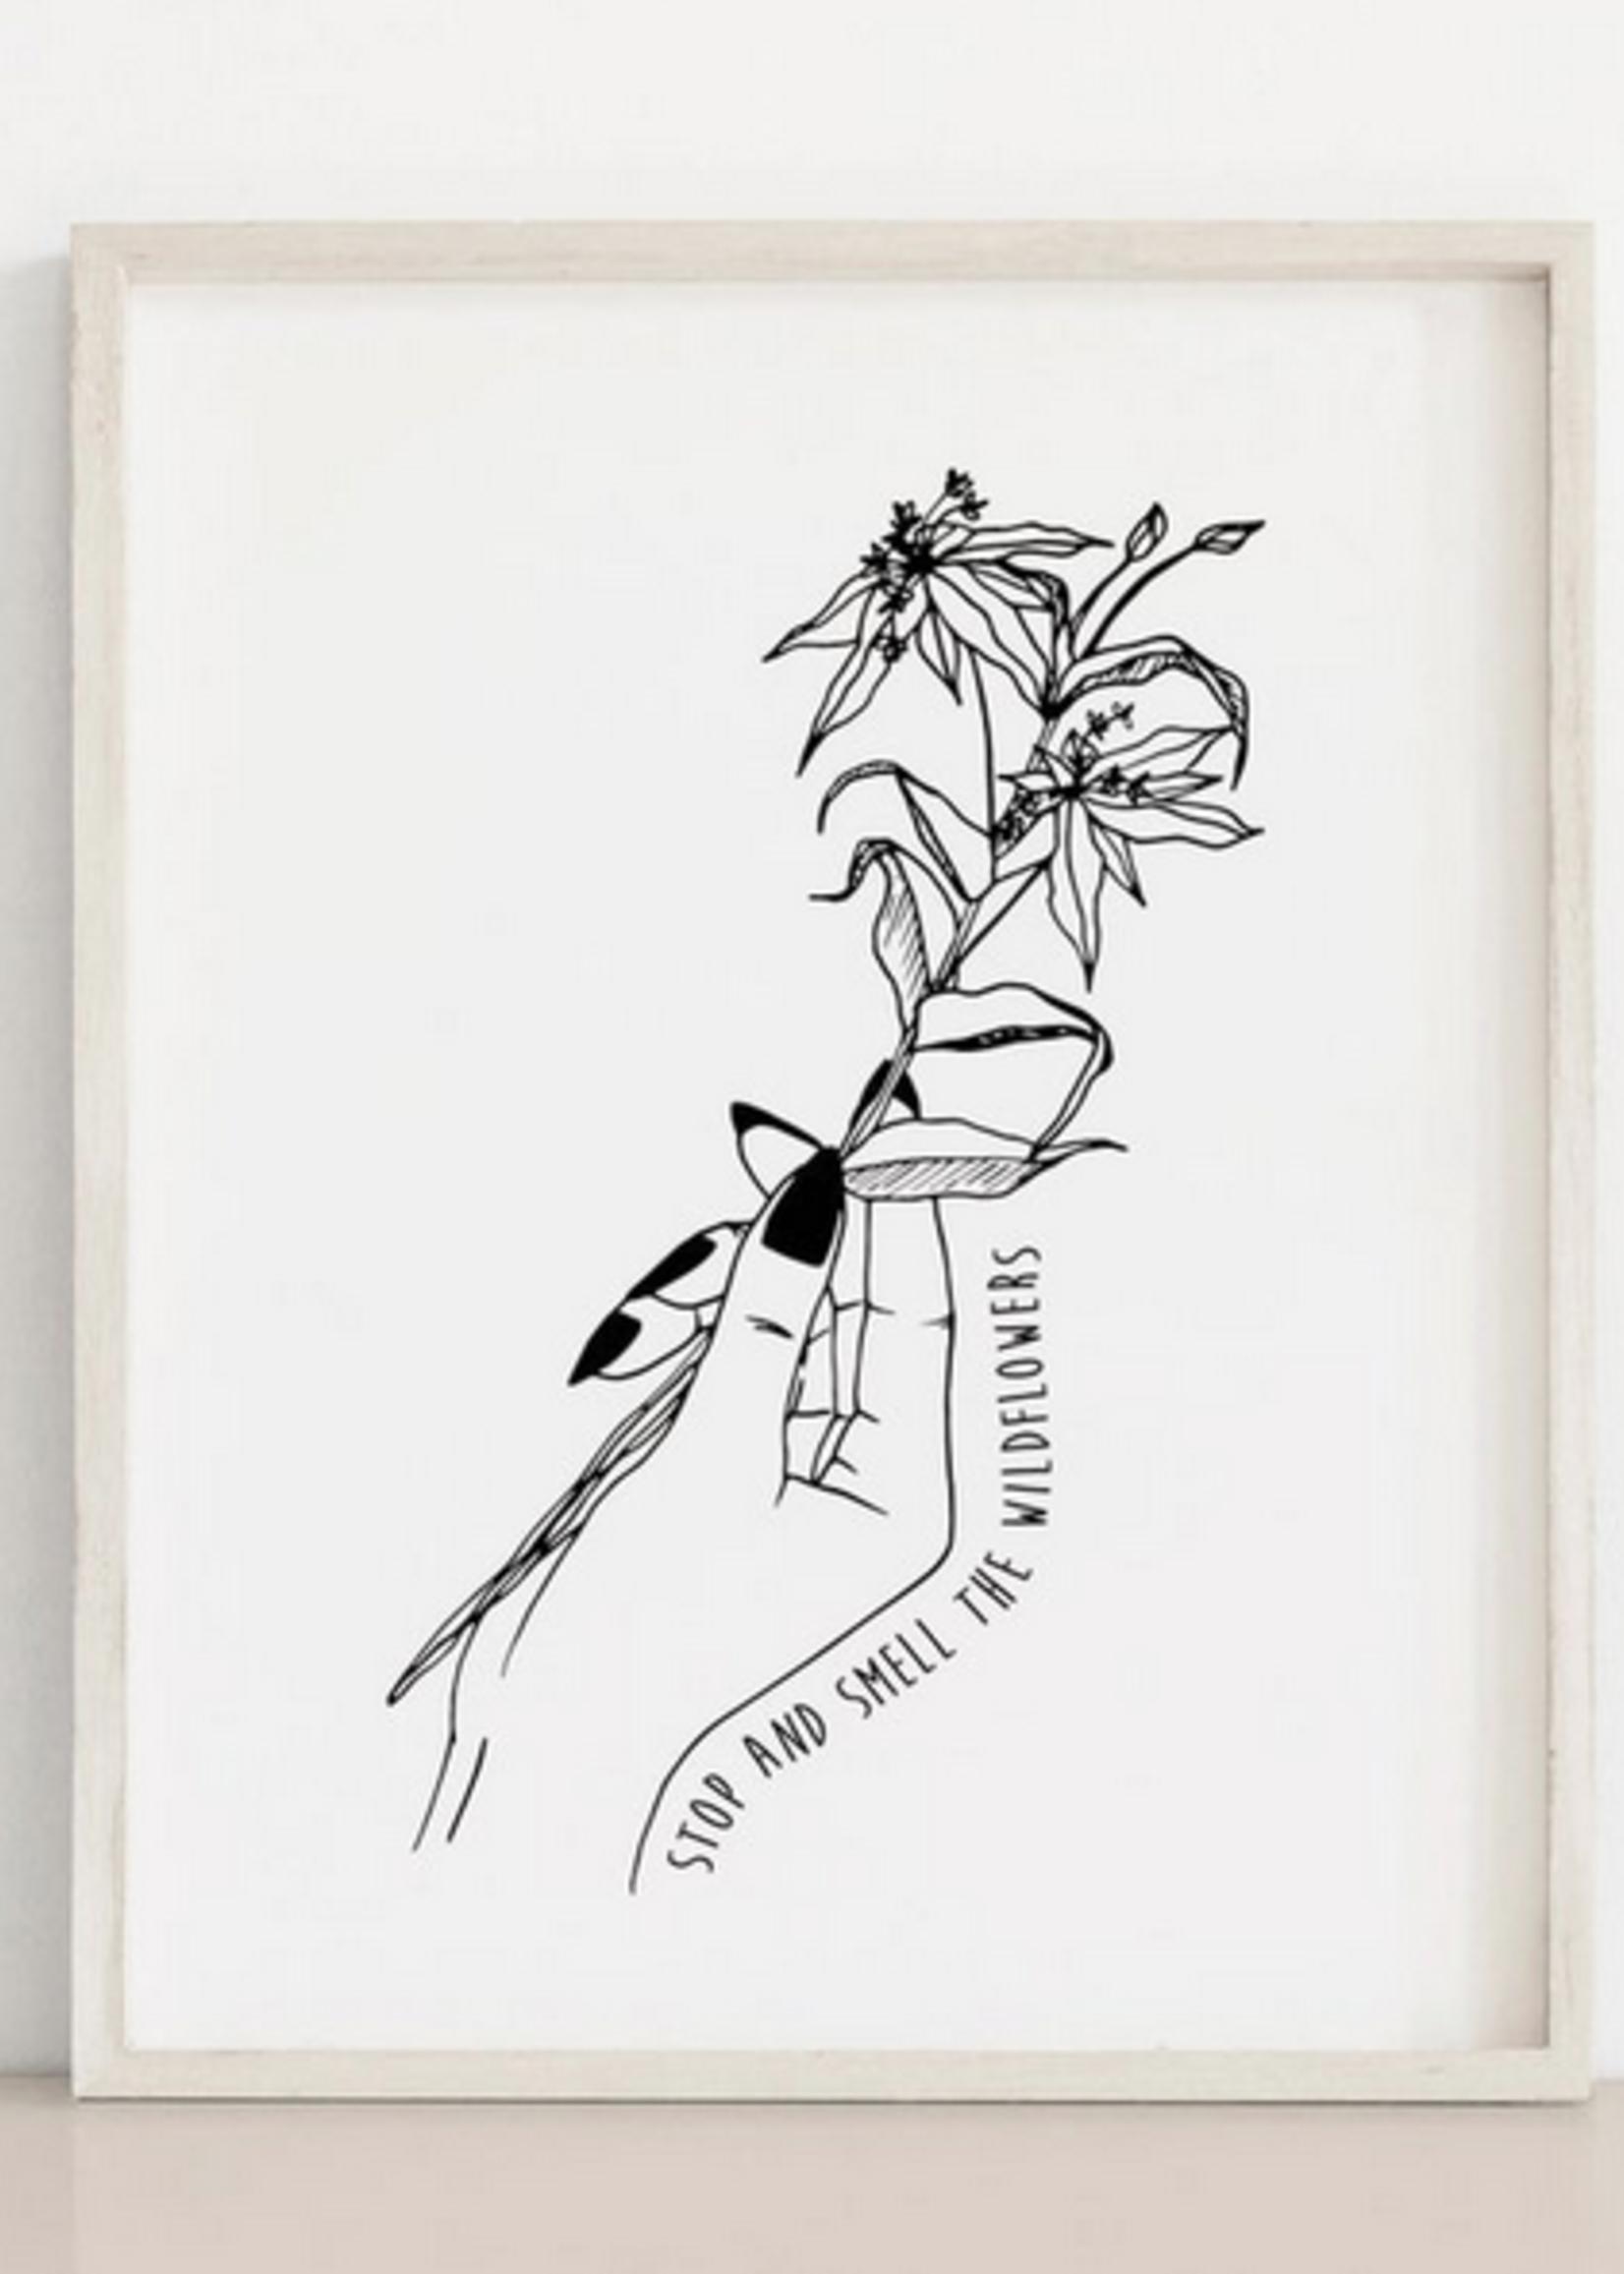 MELINA/KIMBERLEY BC MELINA ART PRINT SMELL THE WILD